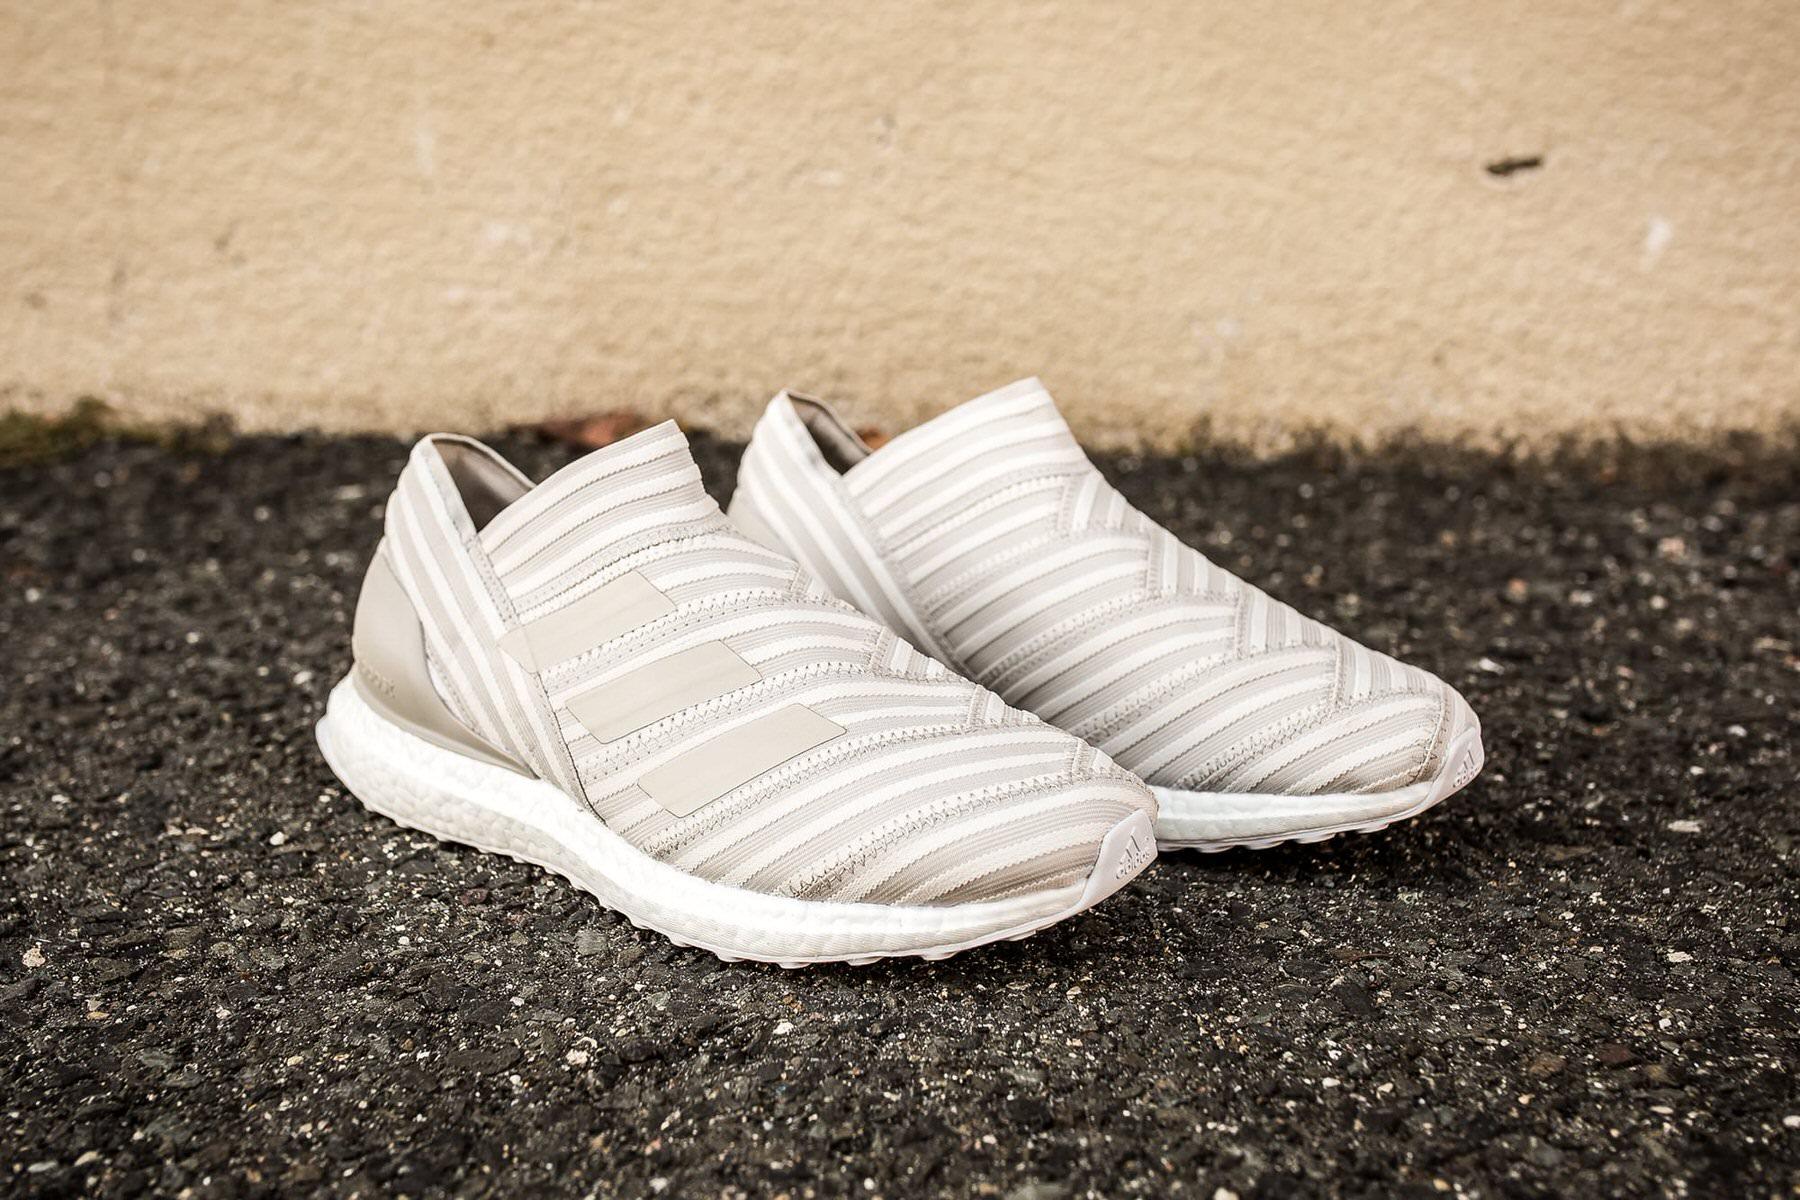 adidas_Nemeziz_Tango_17_01.jpg